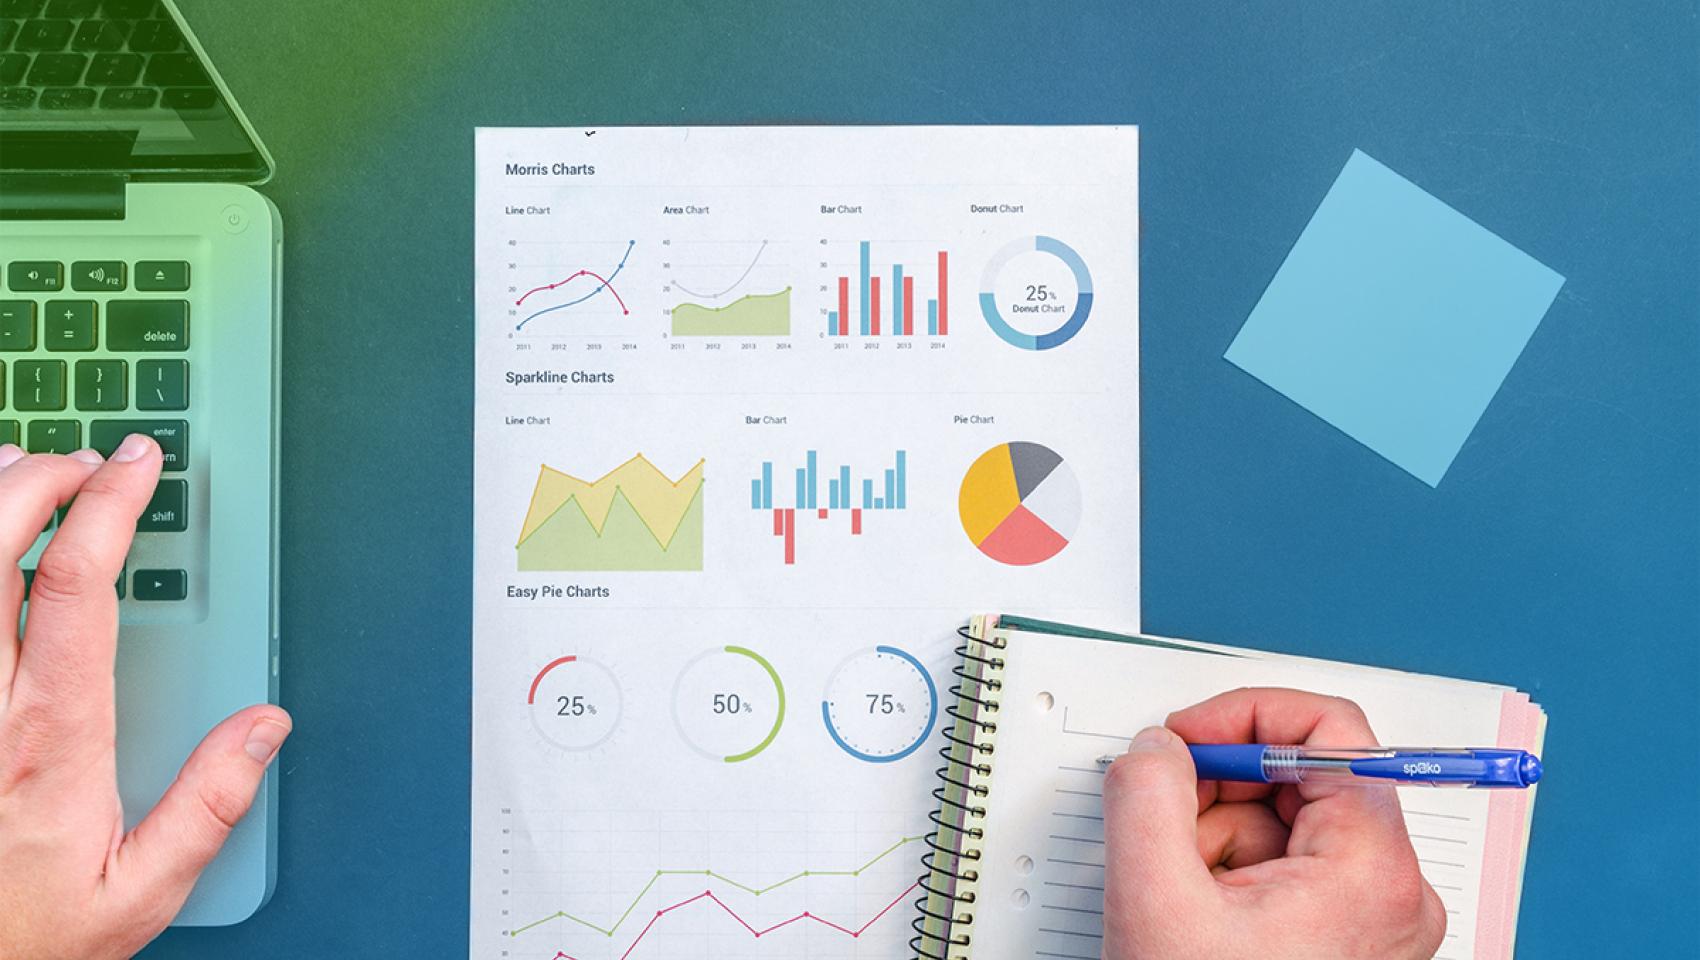 Проджект-менеджмент: как составить требования для проекта